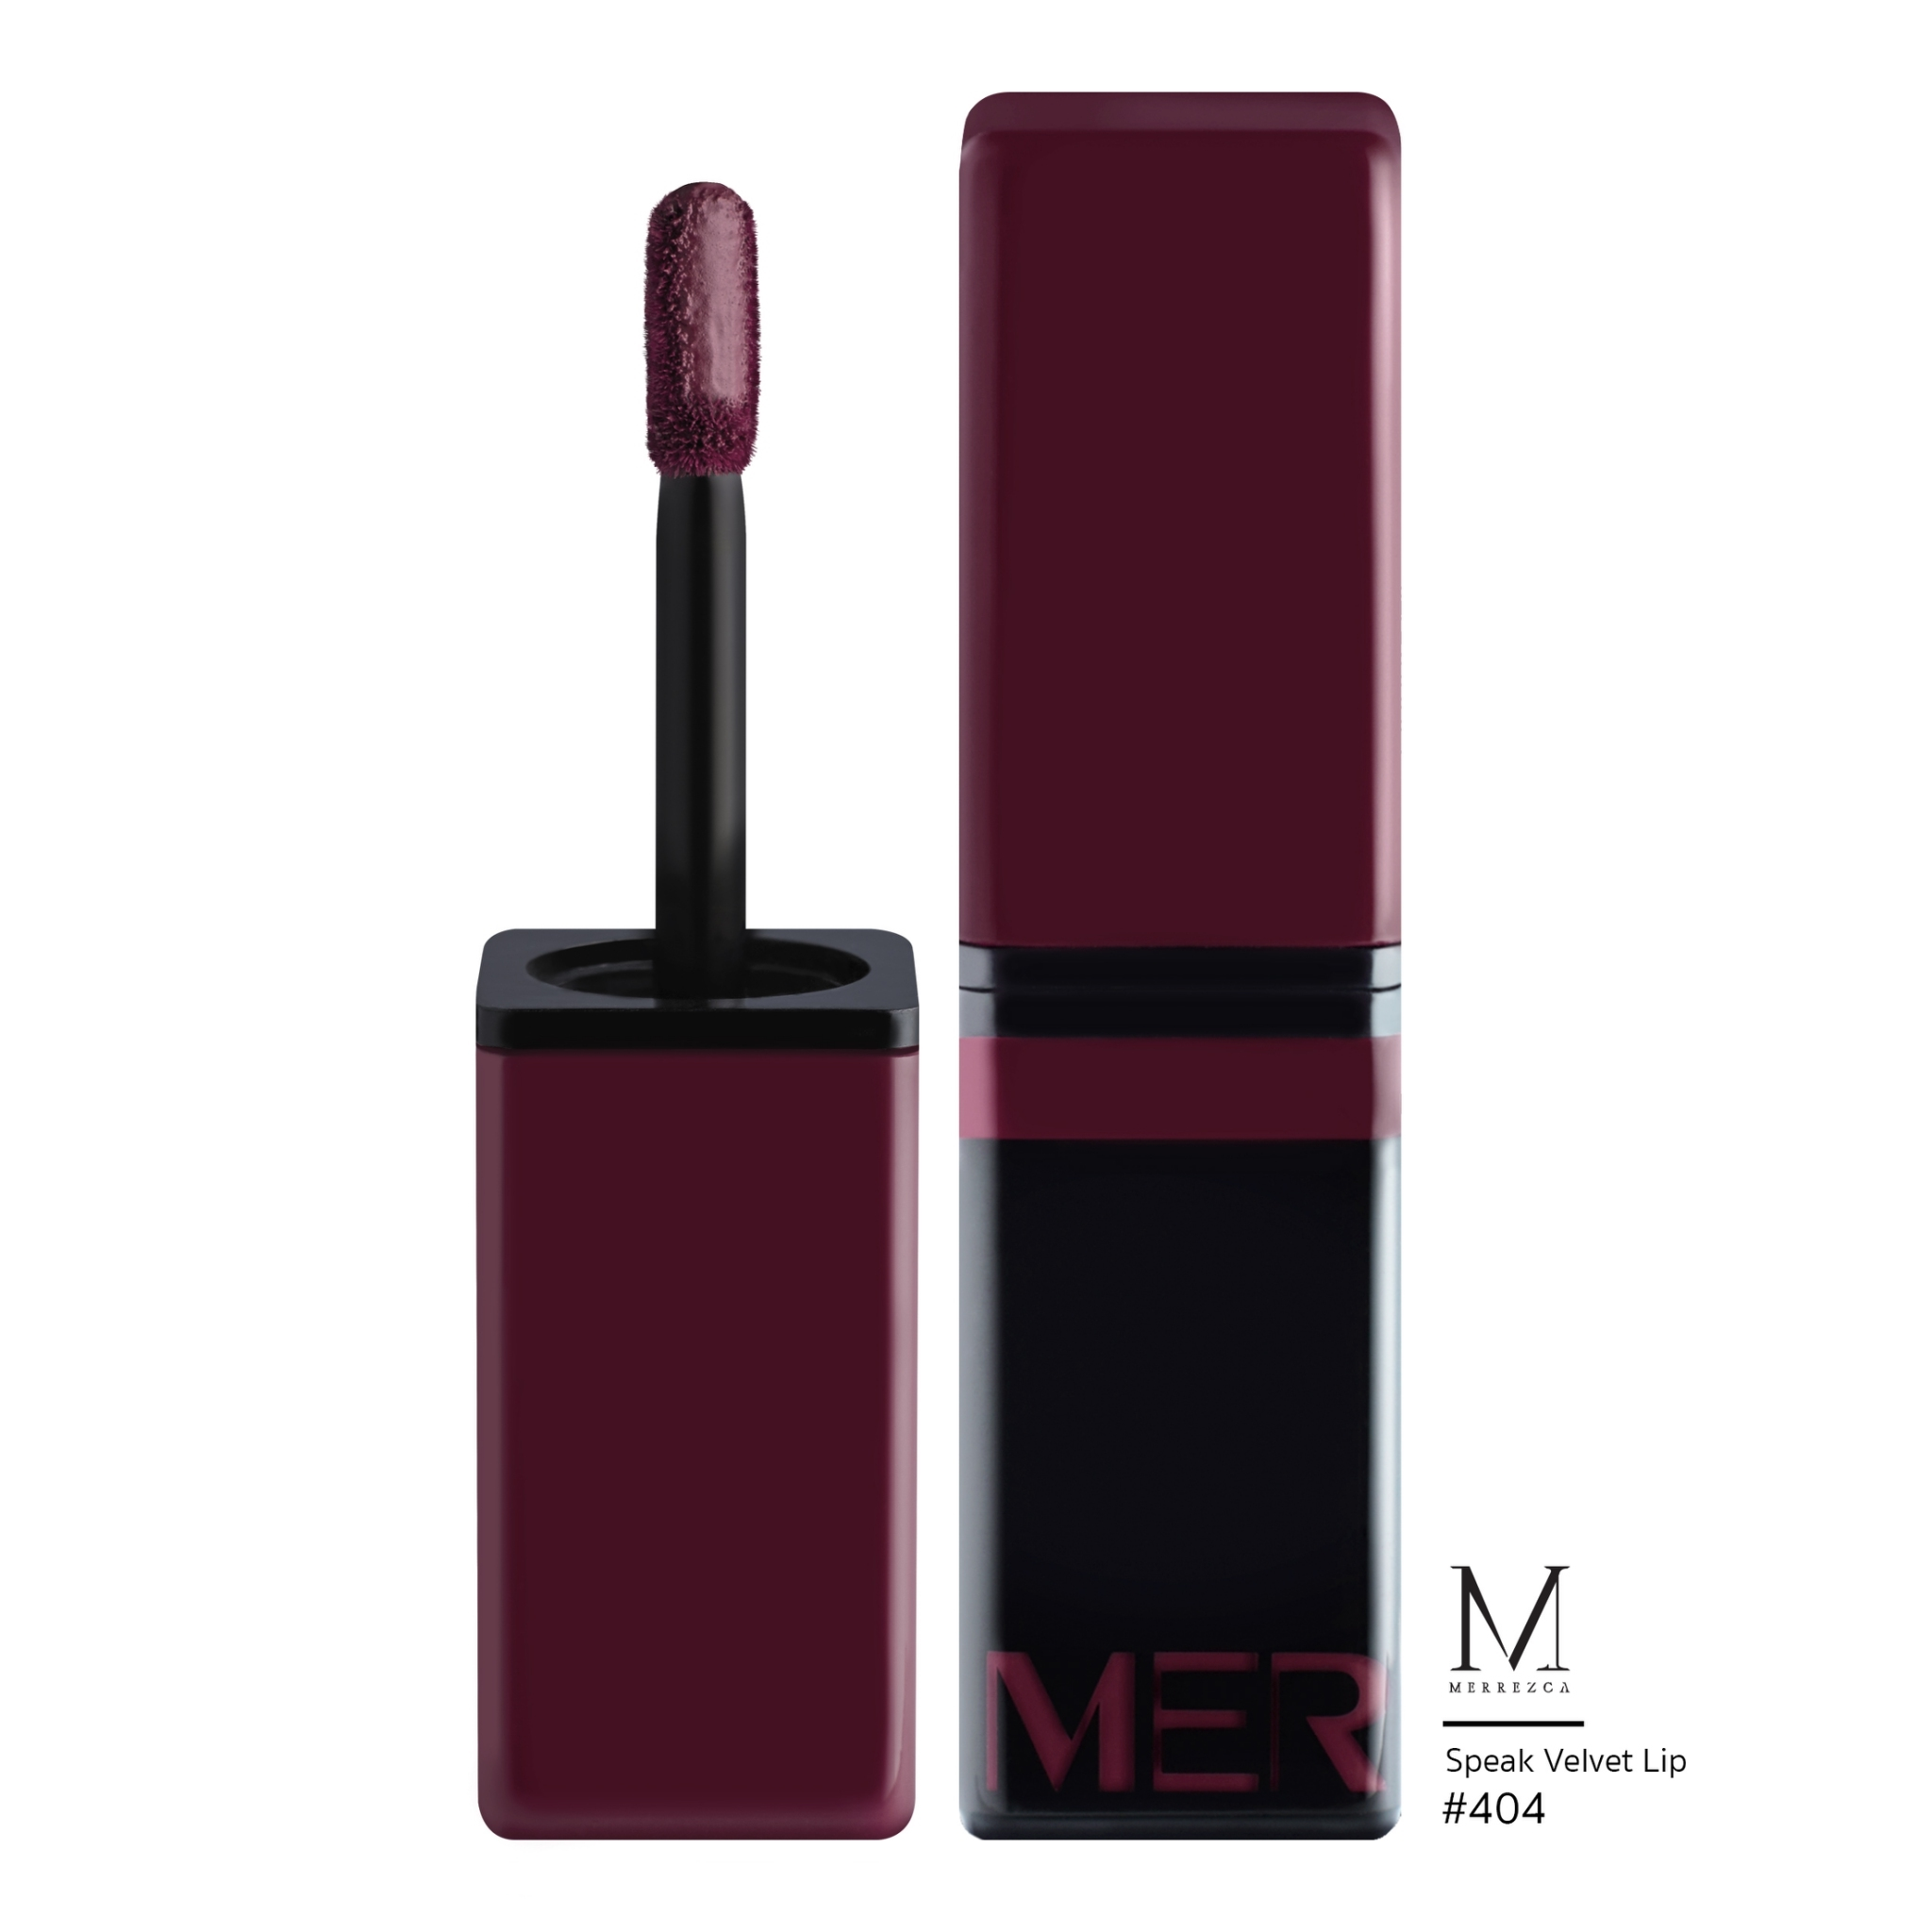 Merrez'ca Speak Velvet Lip # 404